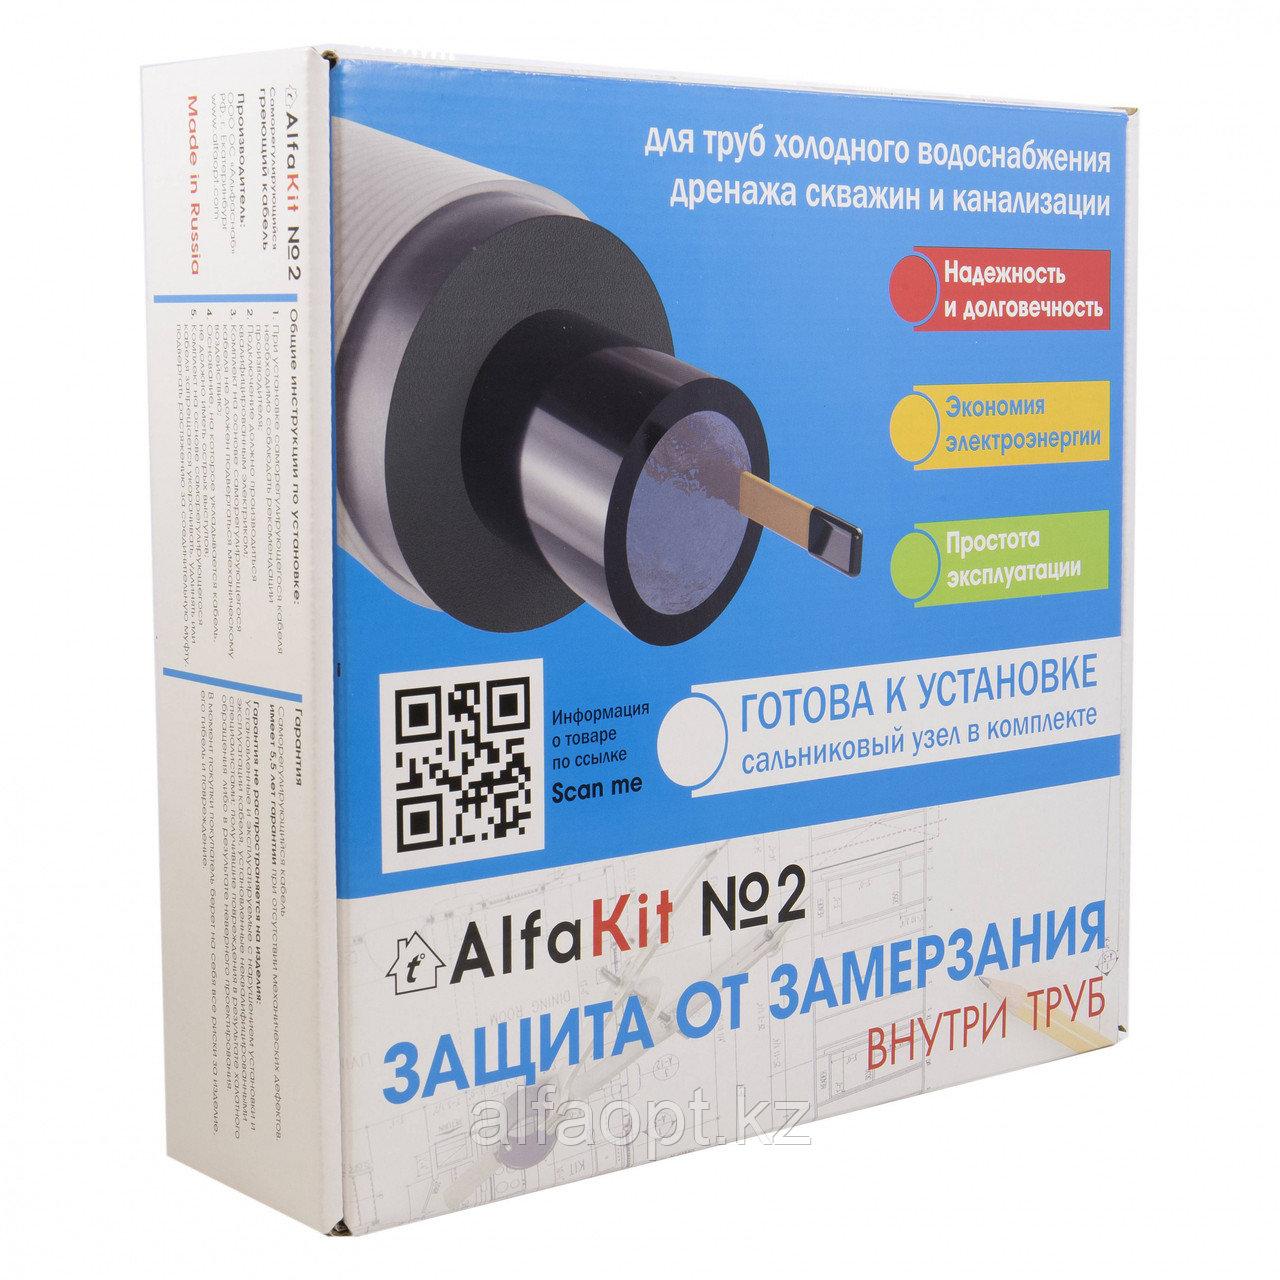 Комплект саморегулирующегося кабеля AlfaKit №2 16-2-10